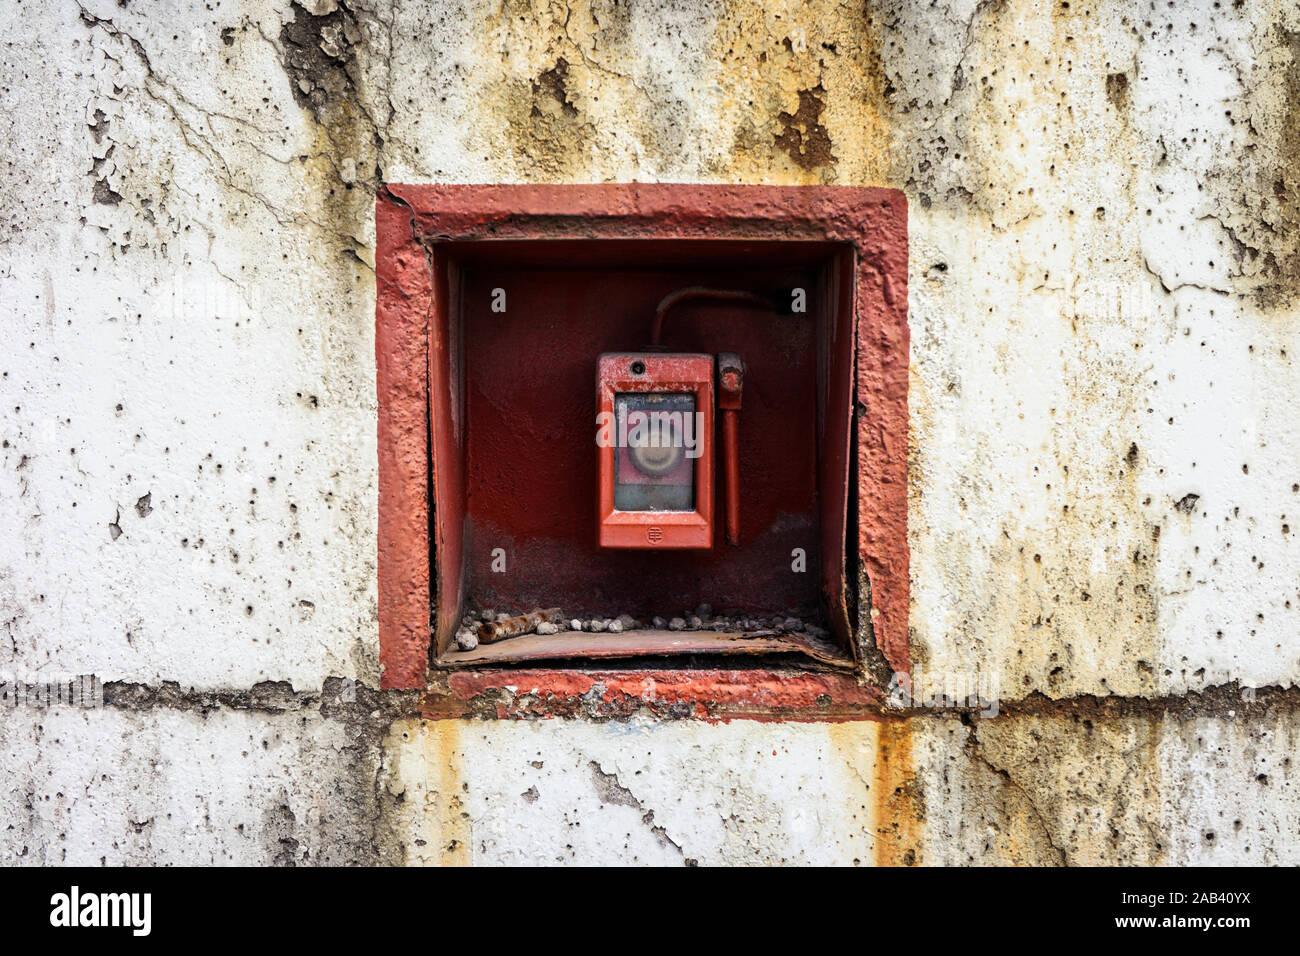 Notschalter an einem altem Lagerhaus im Hafen |Emergency switch to a warehouse in the port| Stock Photo